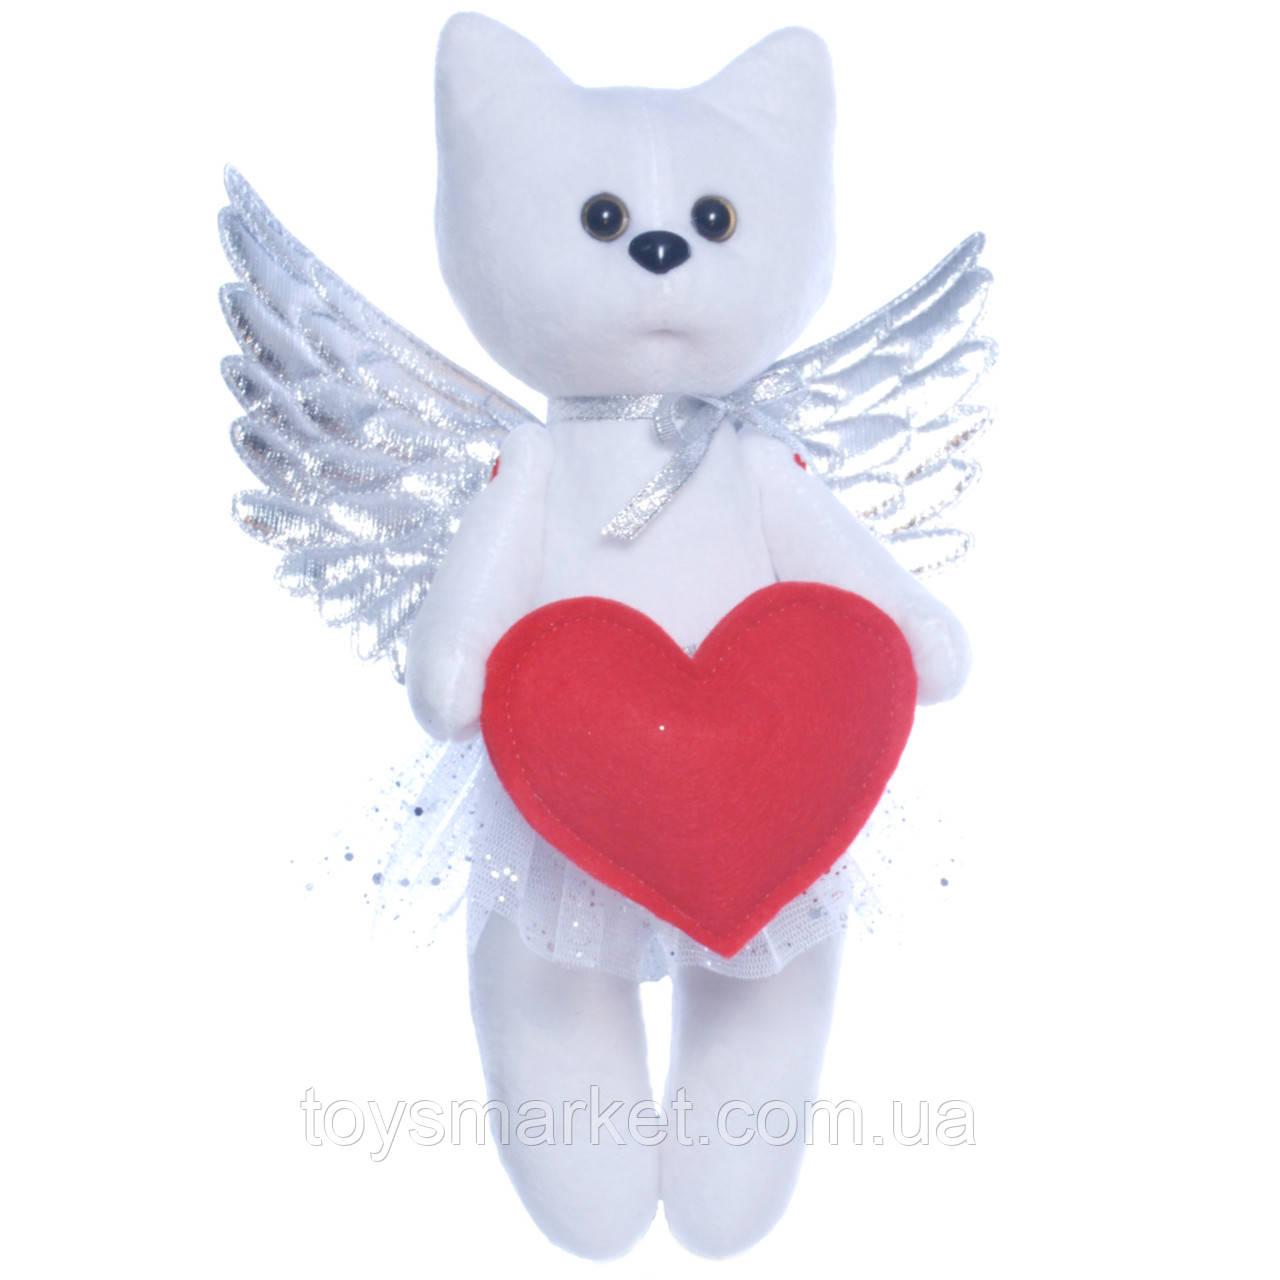 Мягкая игрушка котик Ангел